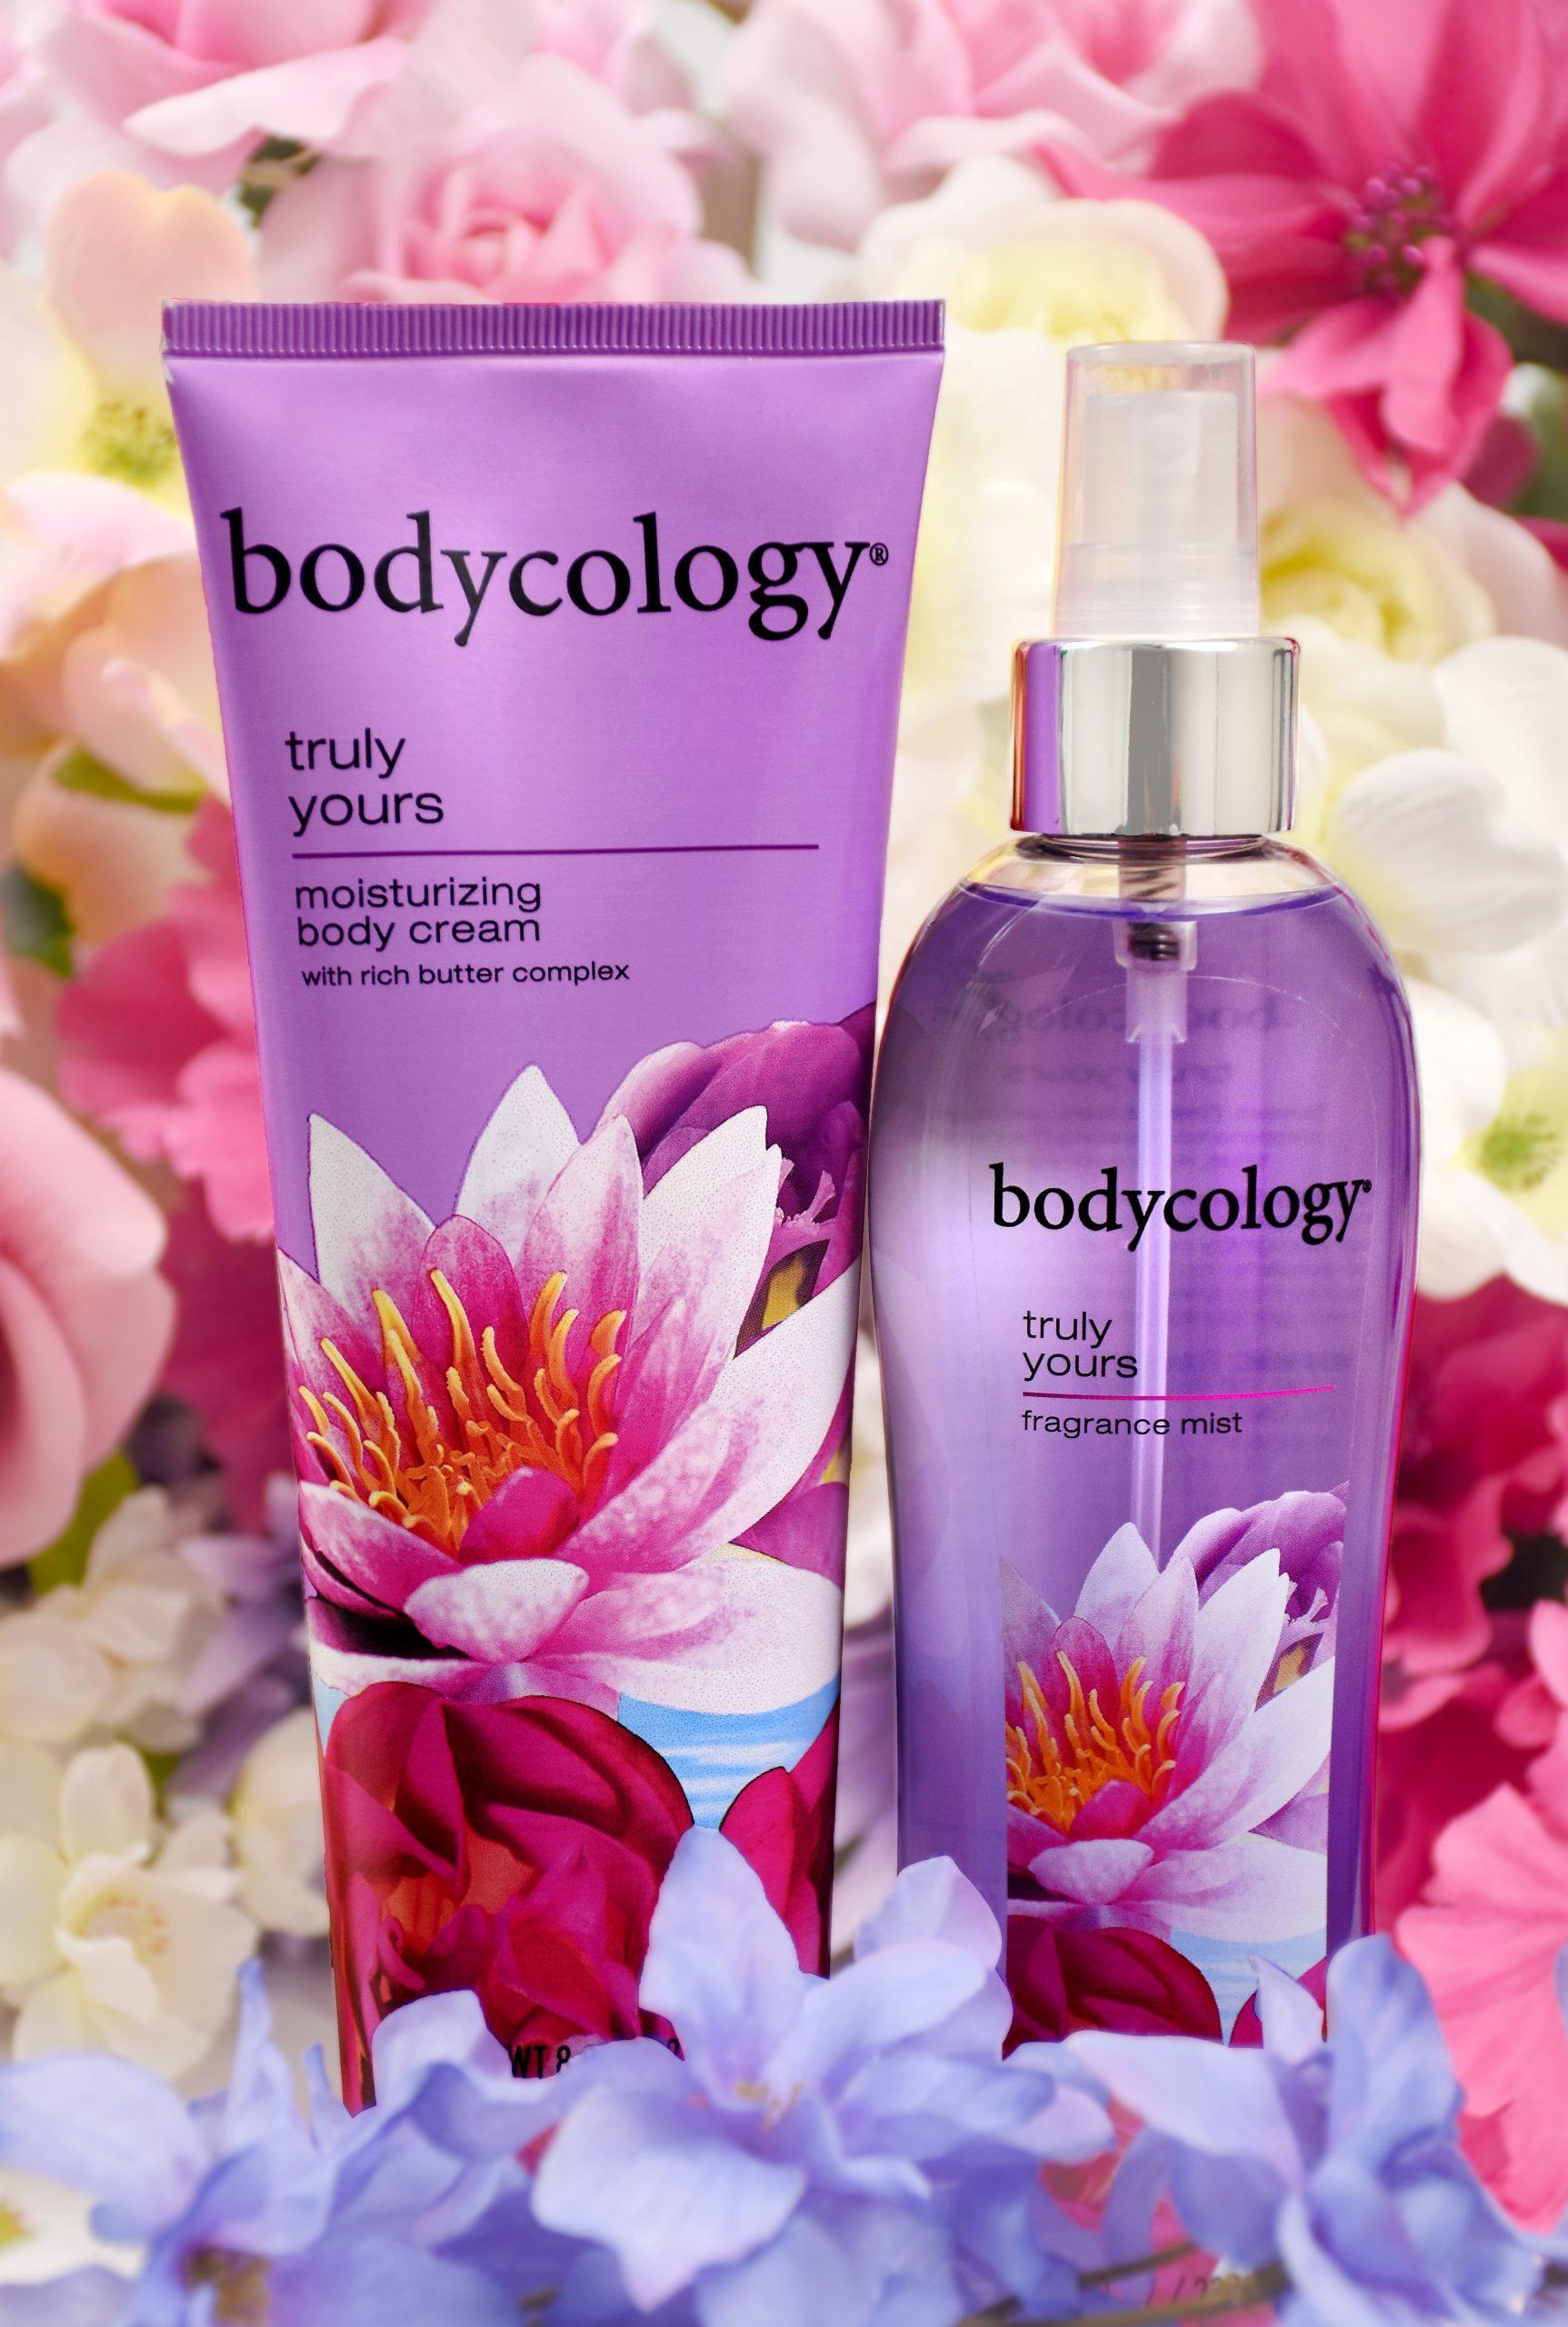 Bodycology Moisturizer Lifestyle Product Image